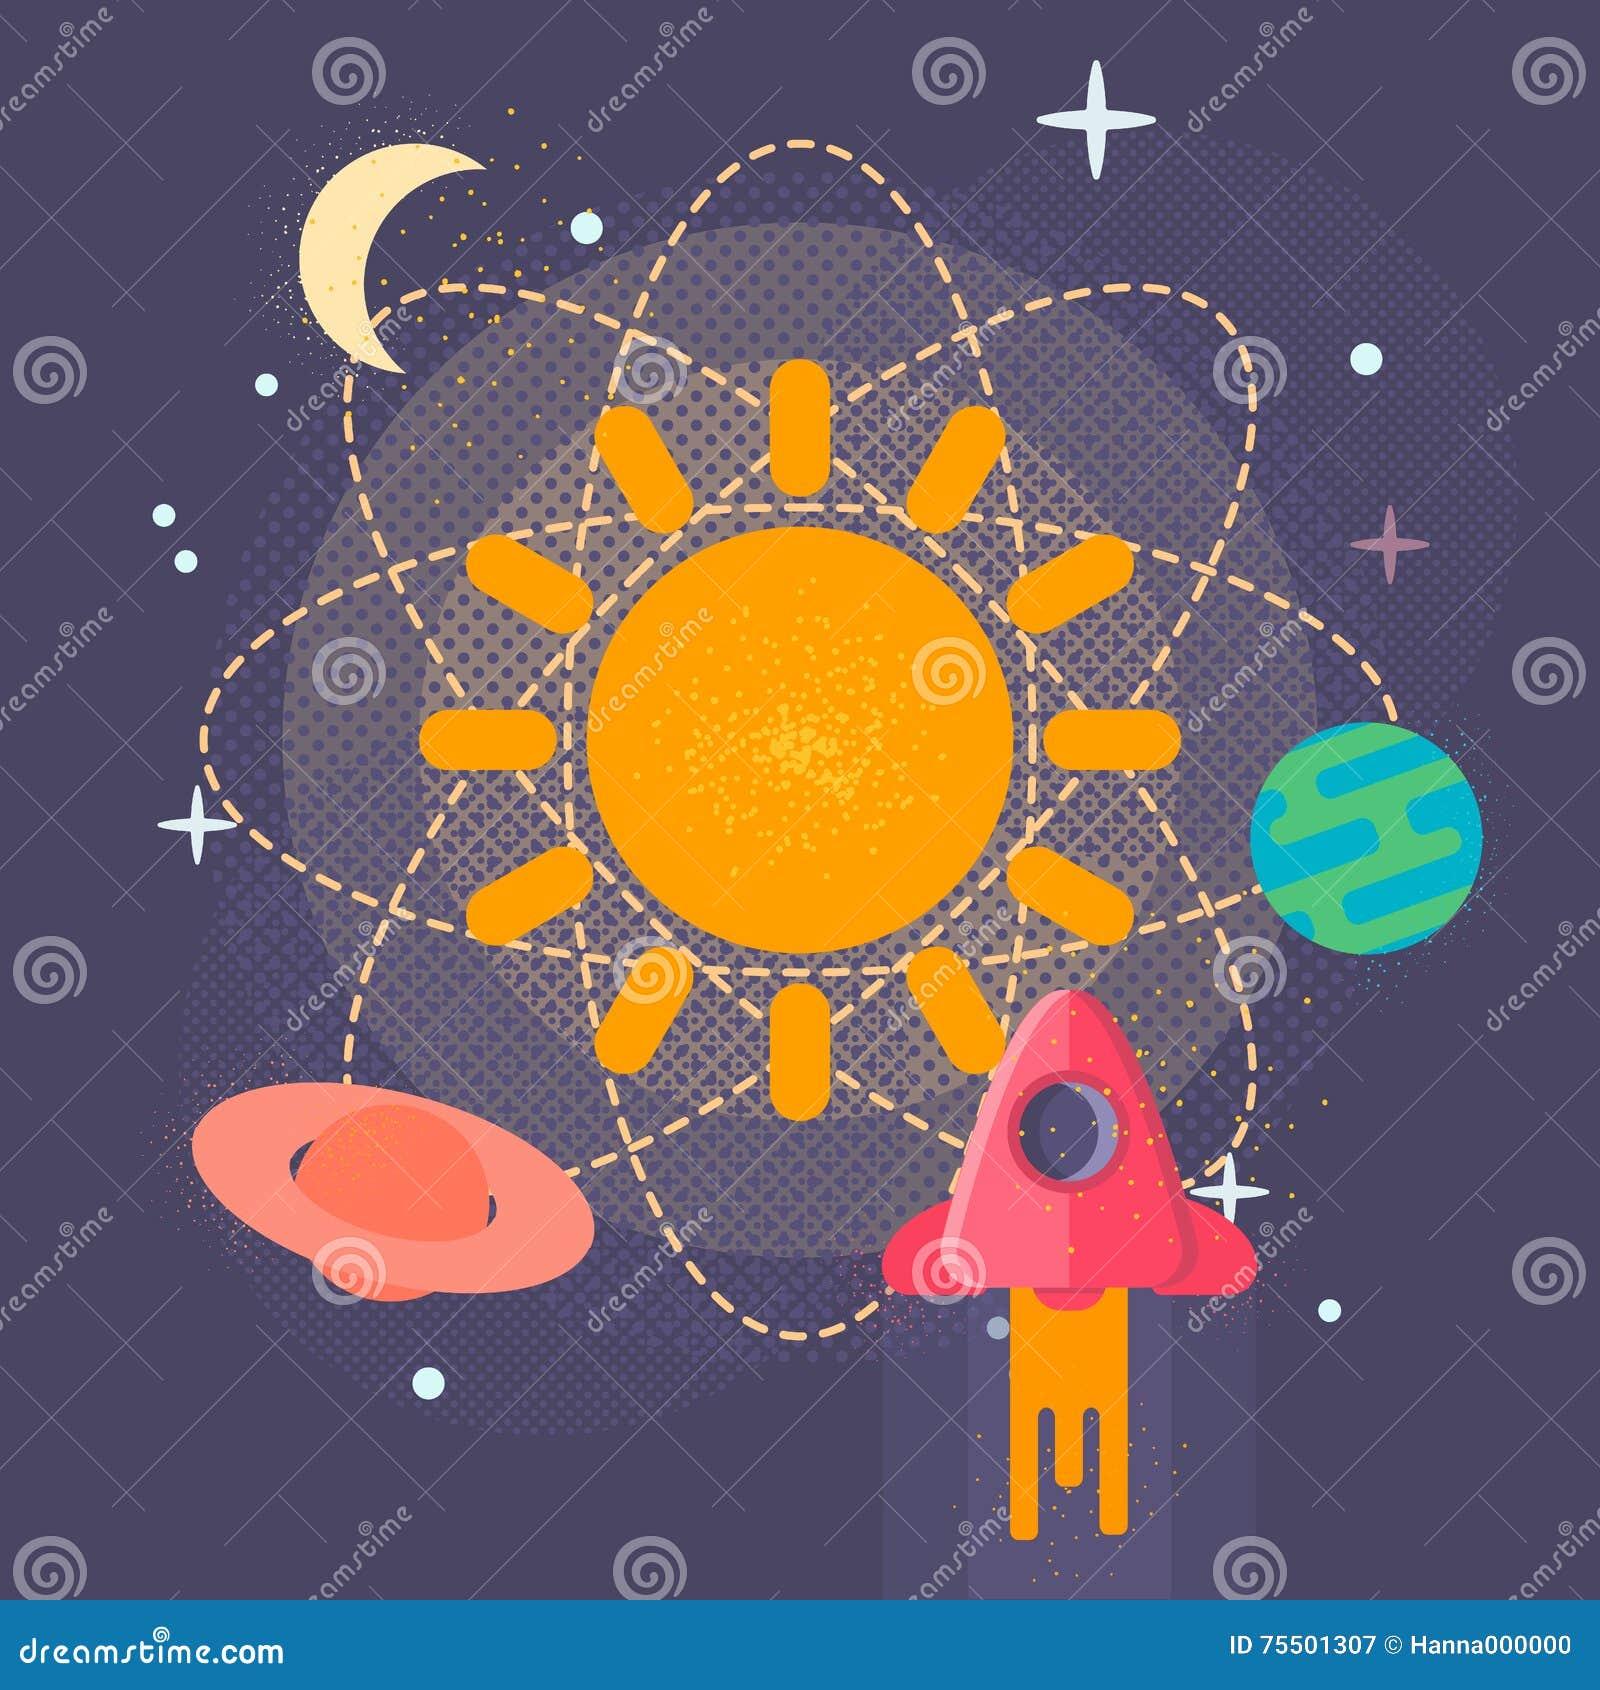 Pianeti Sistema Solare Illustrazioni Vettoriali E Clipart Stock Solar System Planets Diagram Vector Image 49592184 Del Lillustrazione Dei Nello